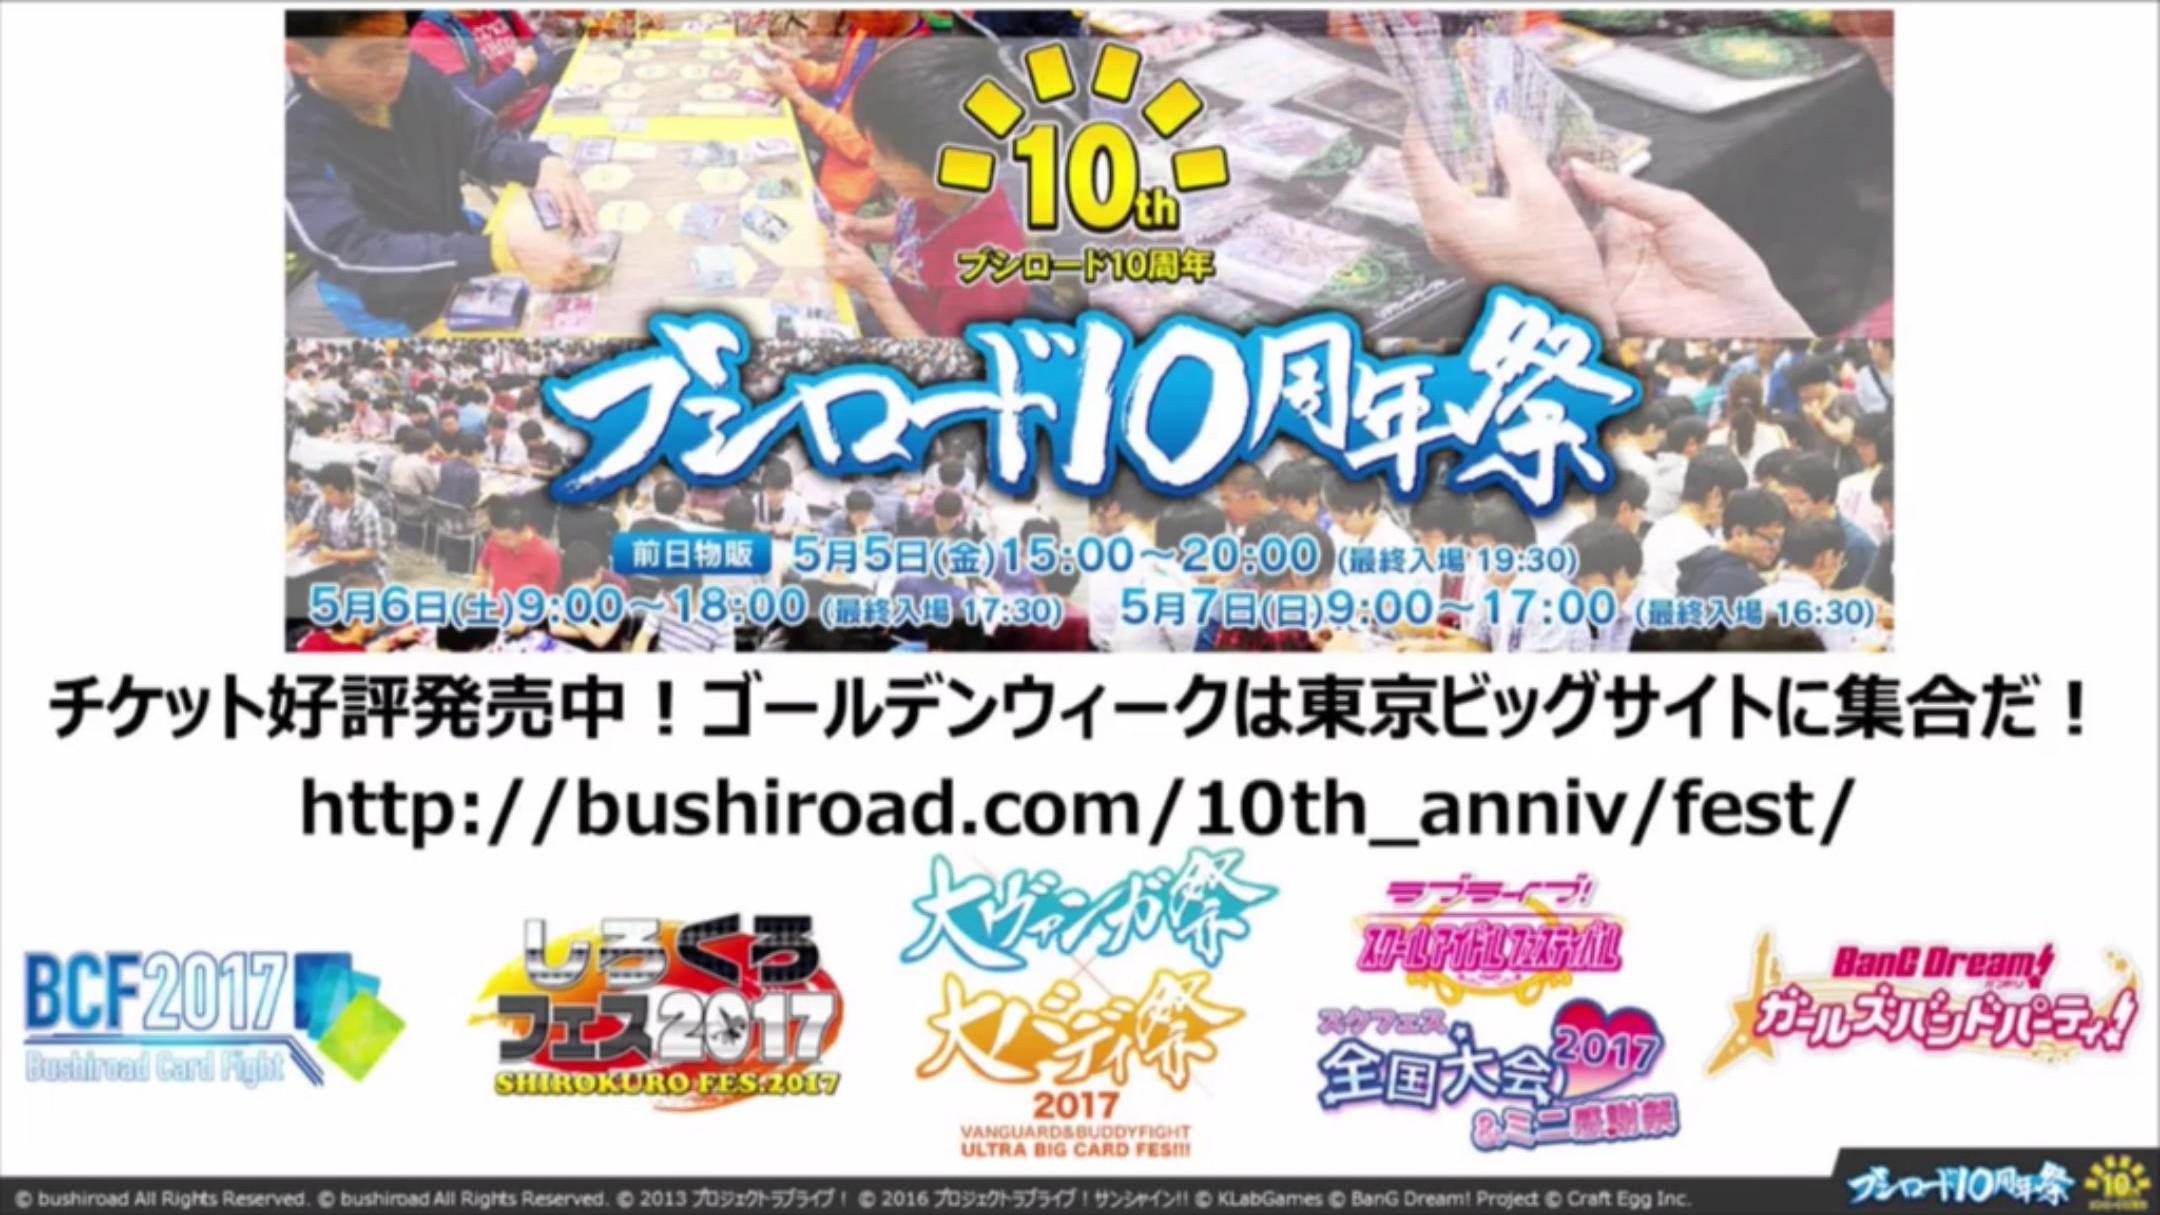 bshi-live-fresh-20170418-000.jpg